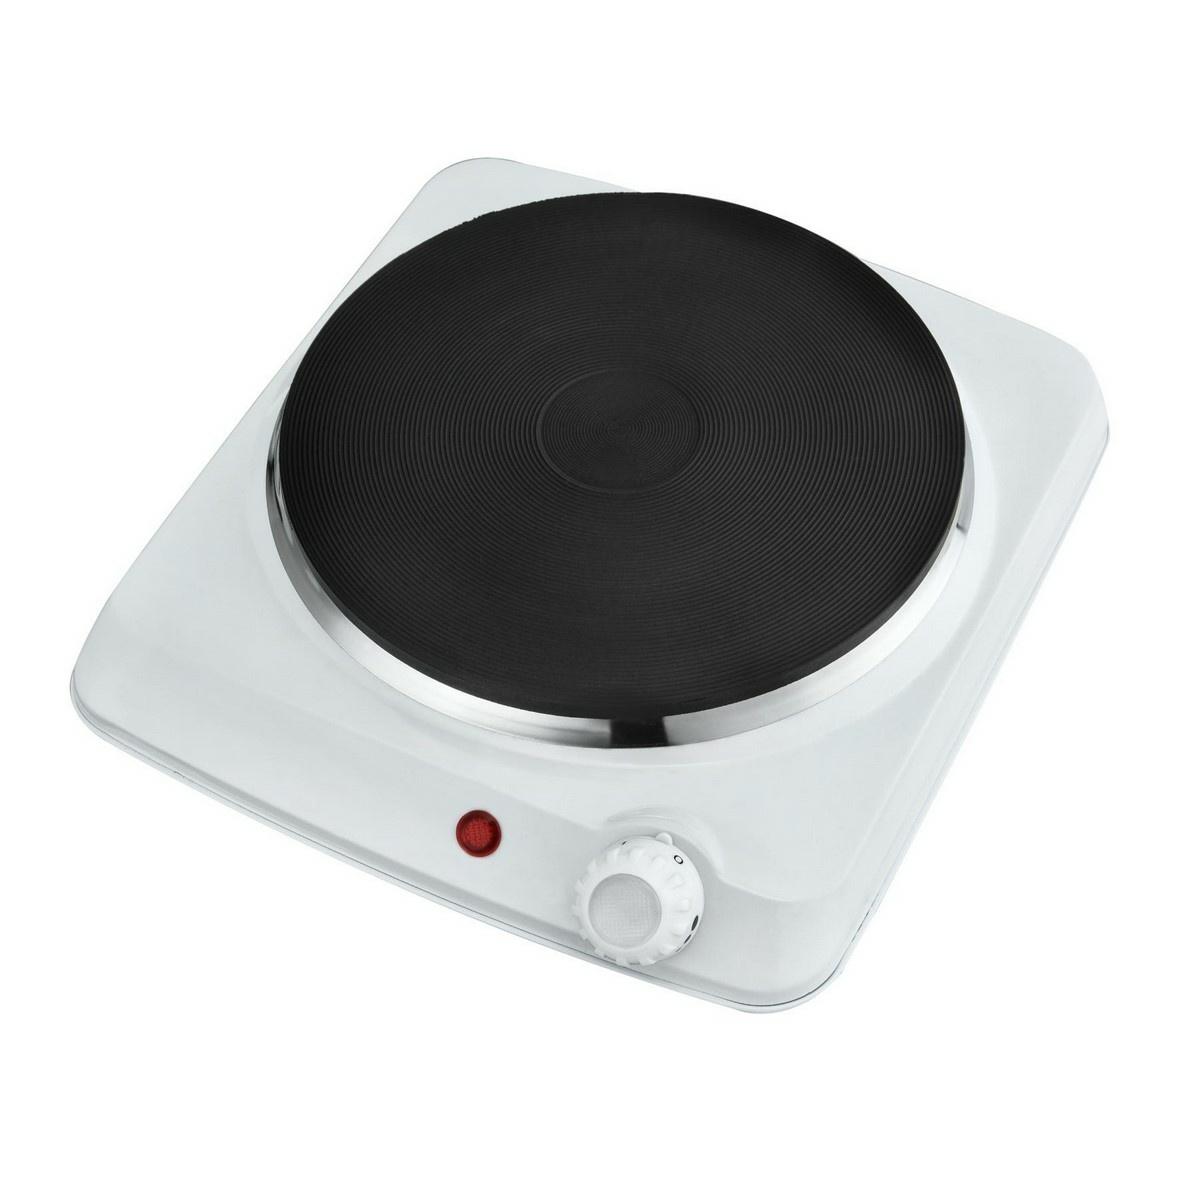 Karorik EKP 1002 Elektrický jednoplotýnkový vařič